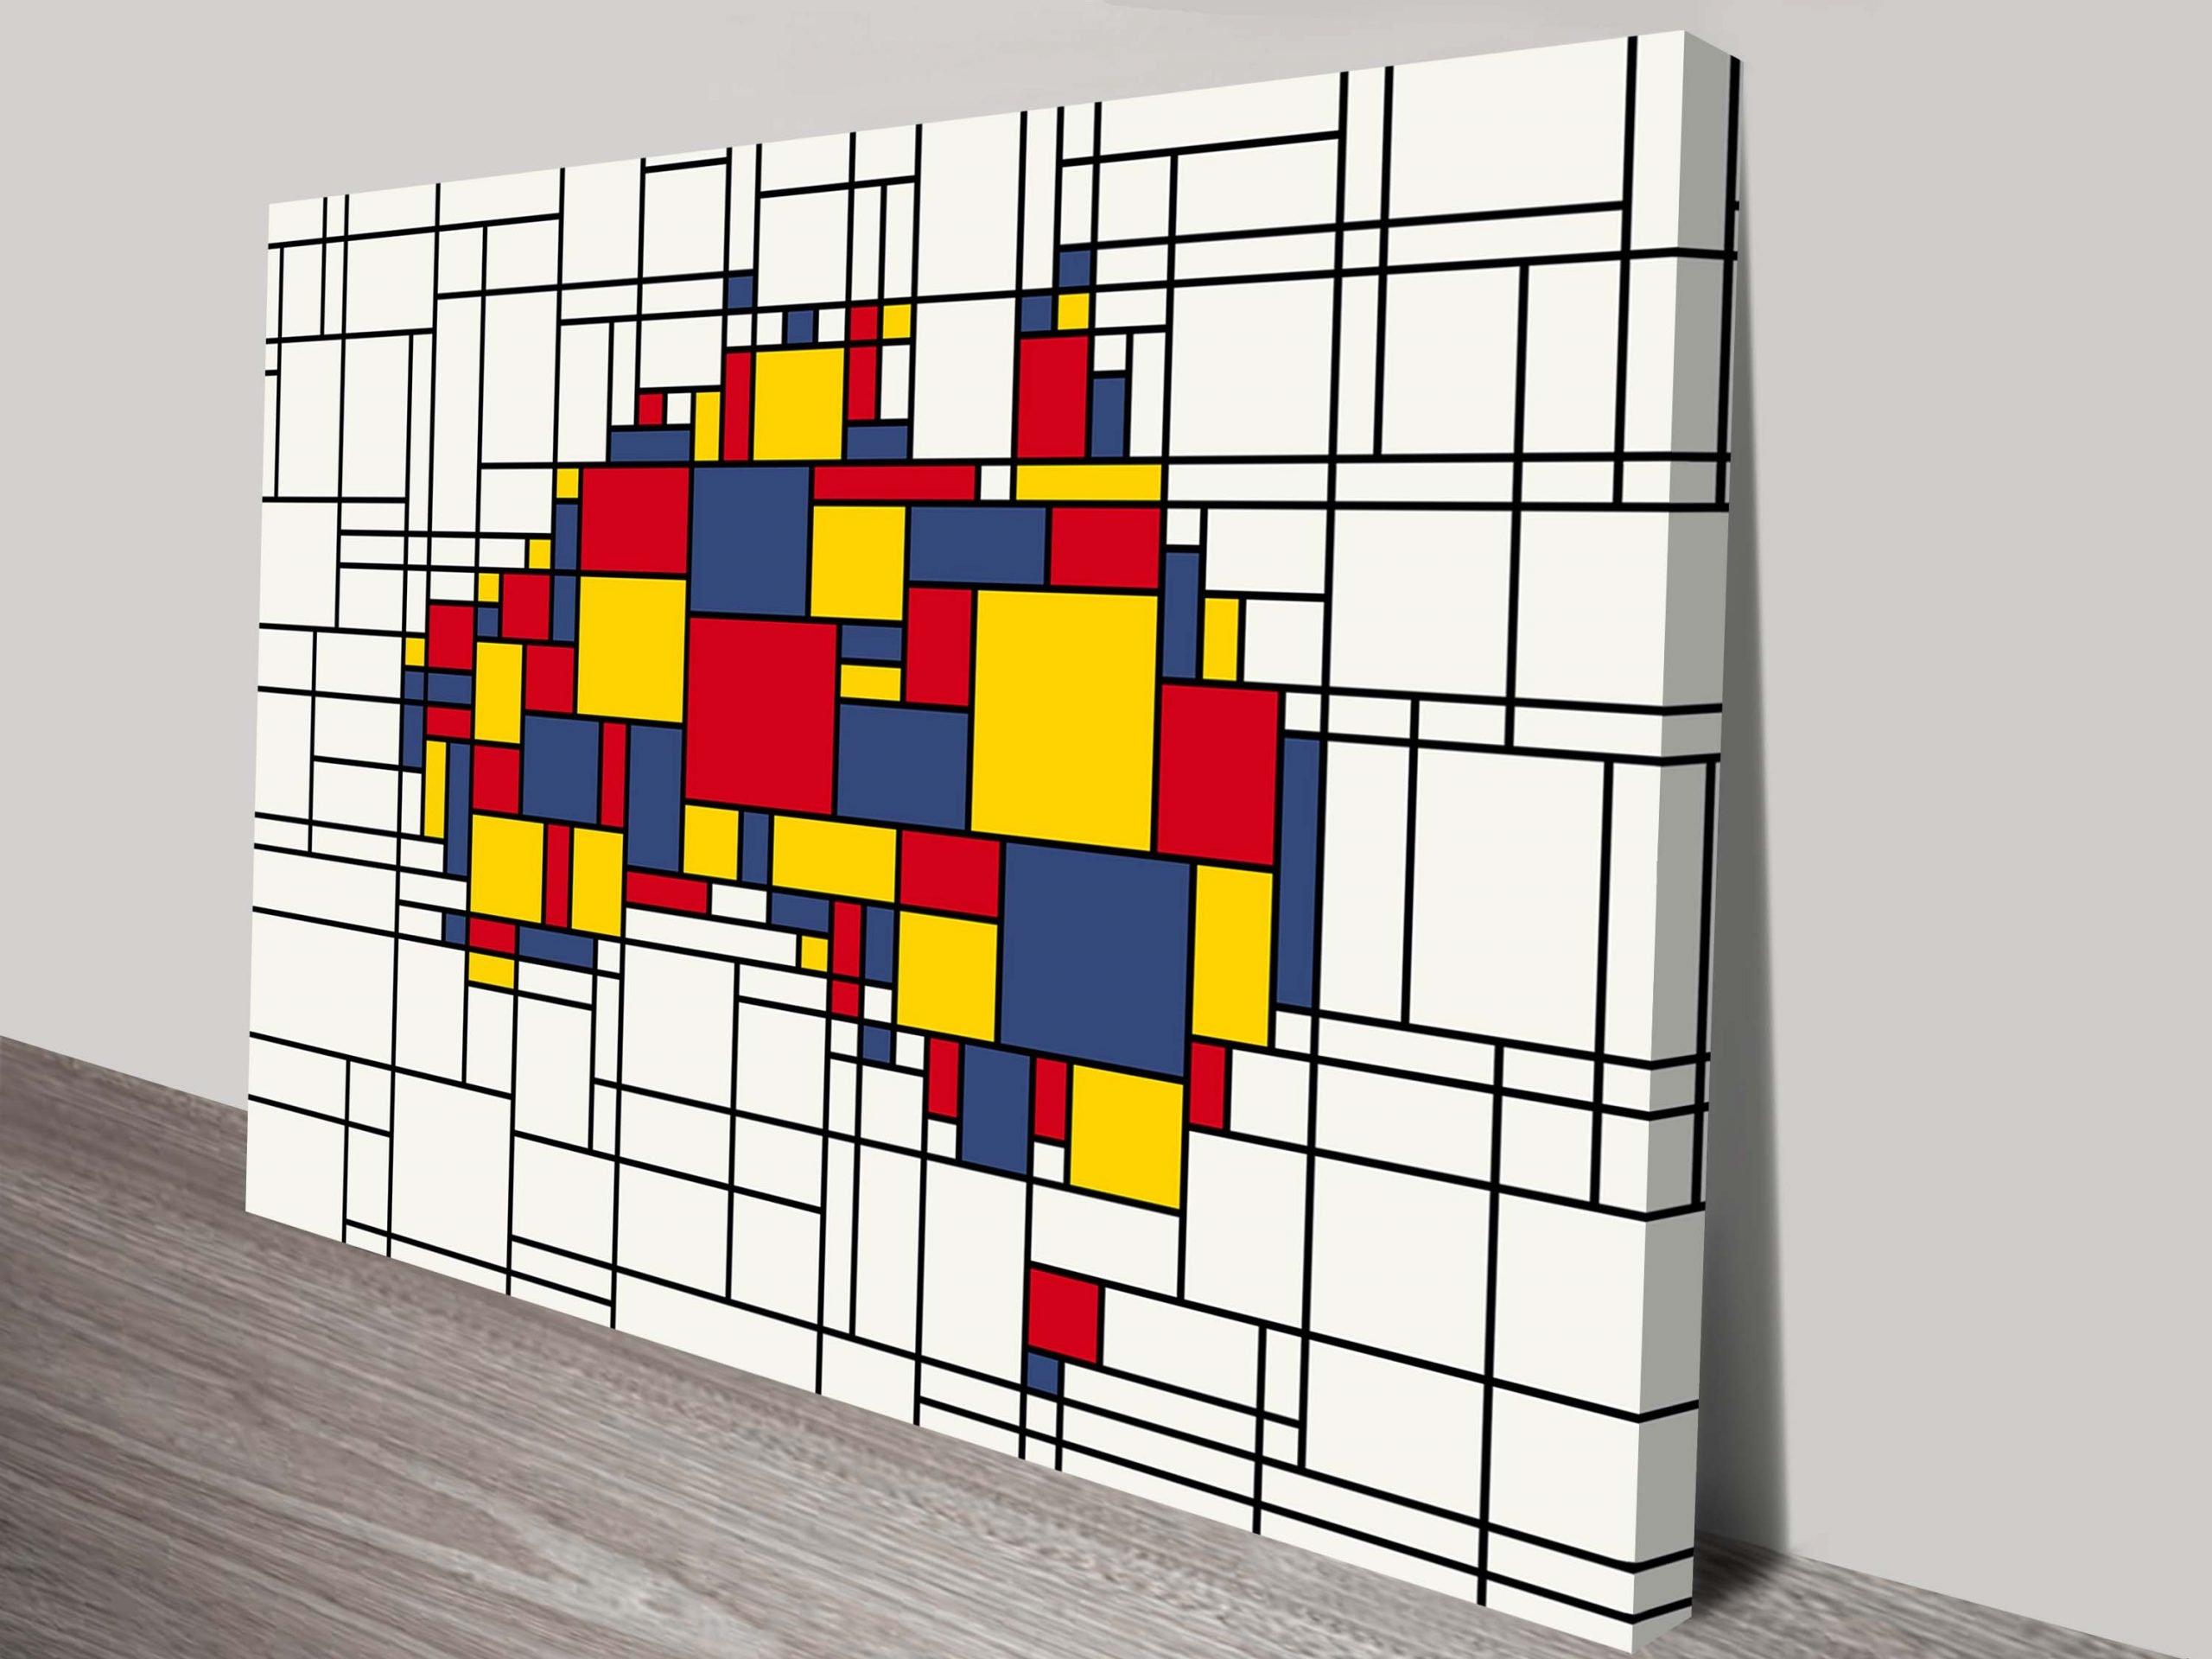 Mondrian Inspired Map Print of Australia by Michael Tompsett